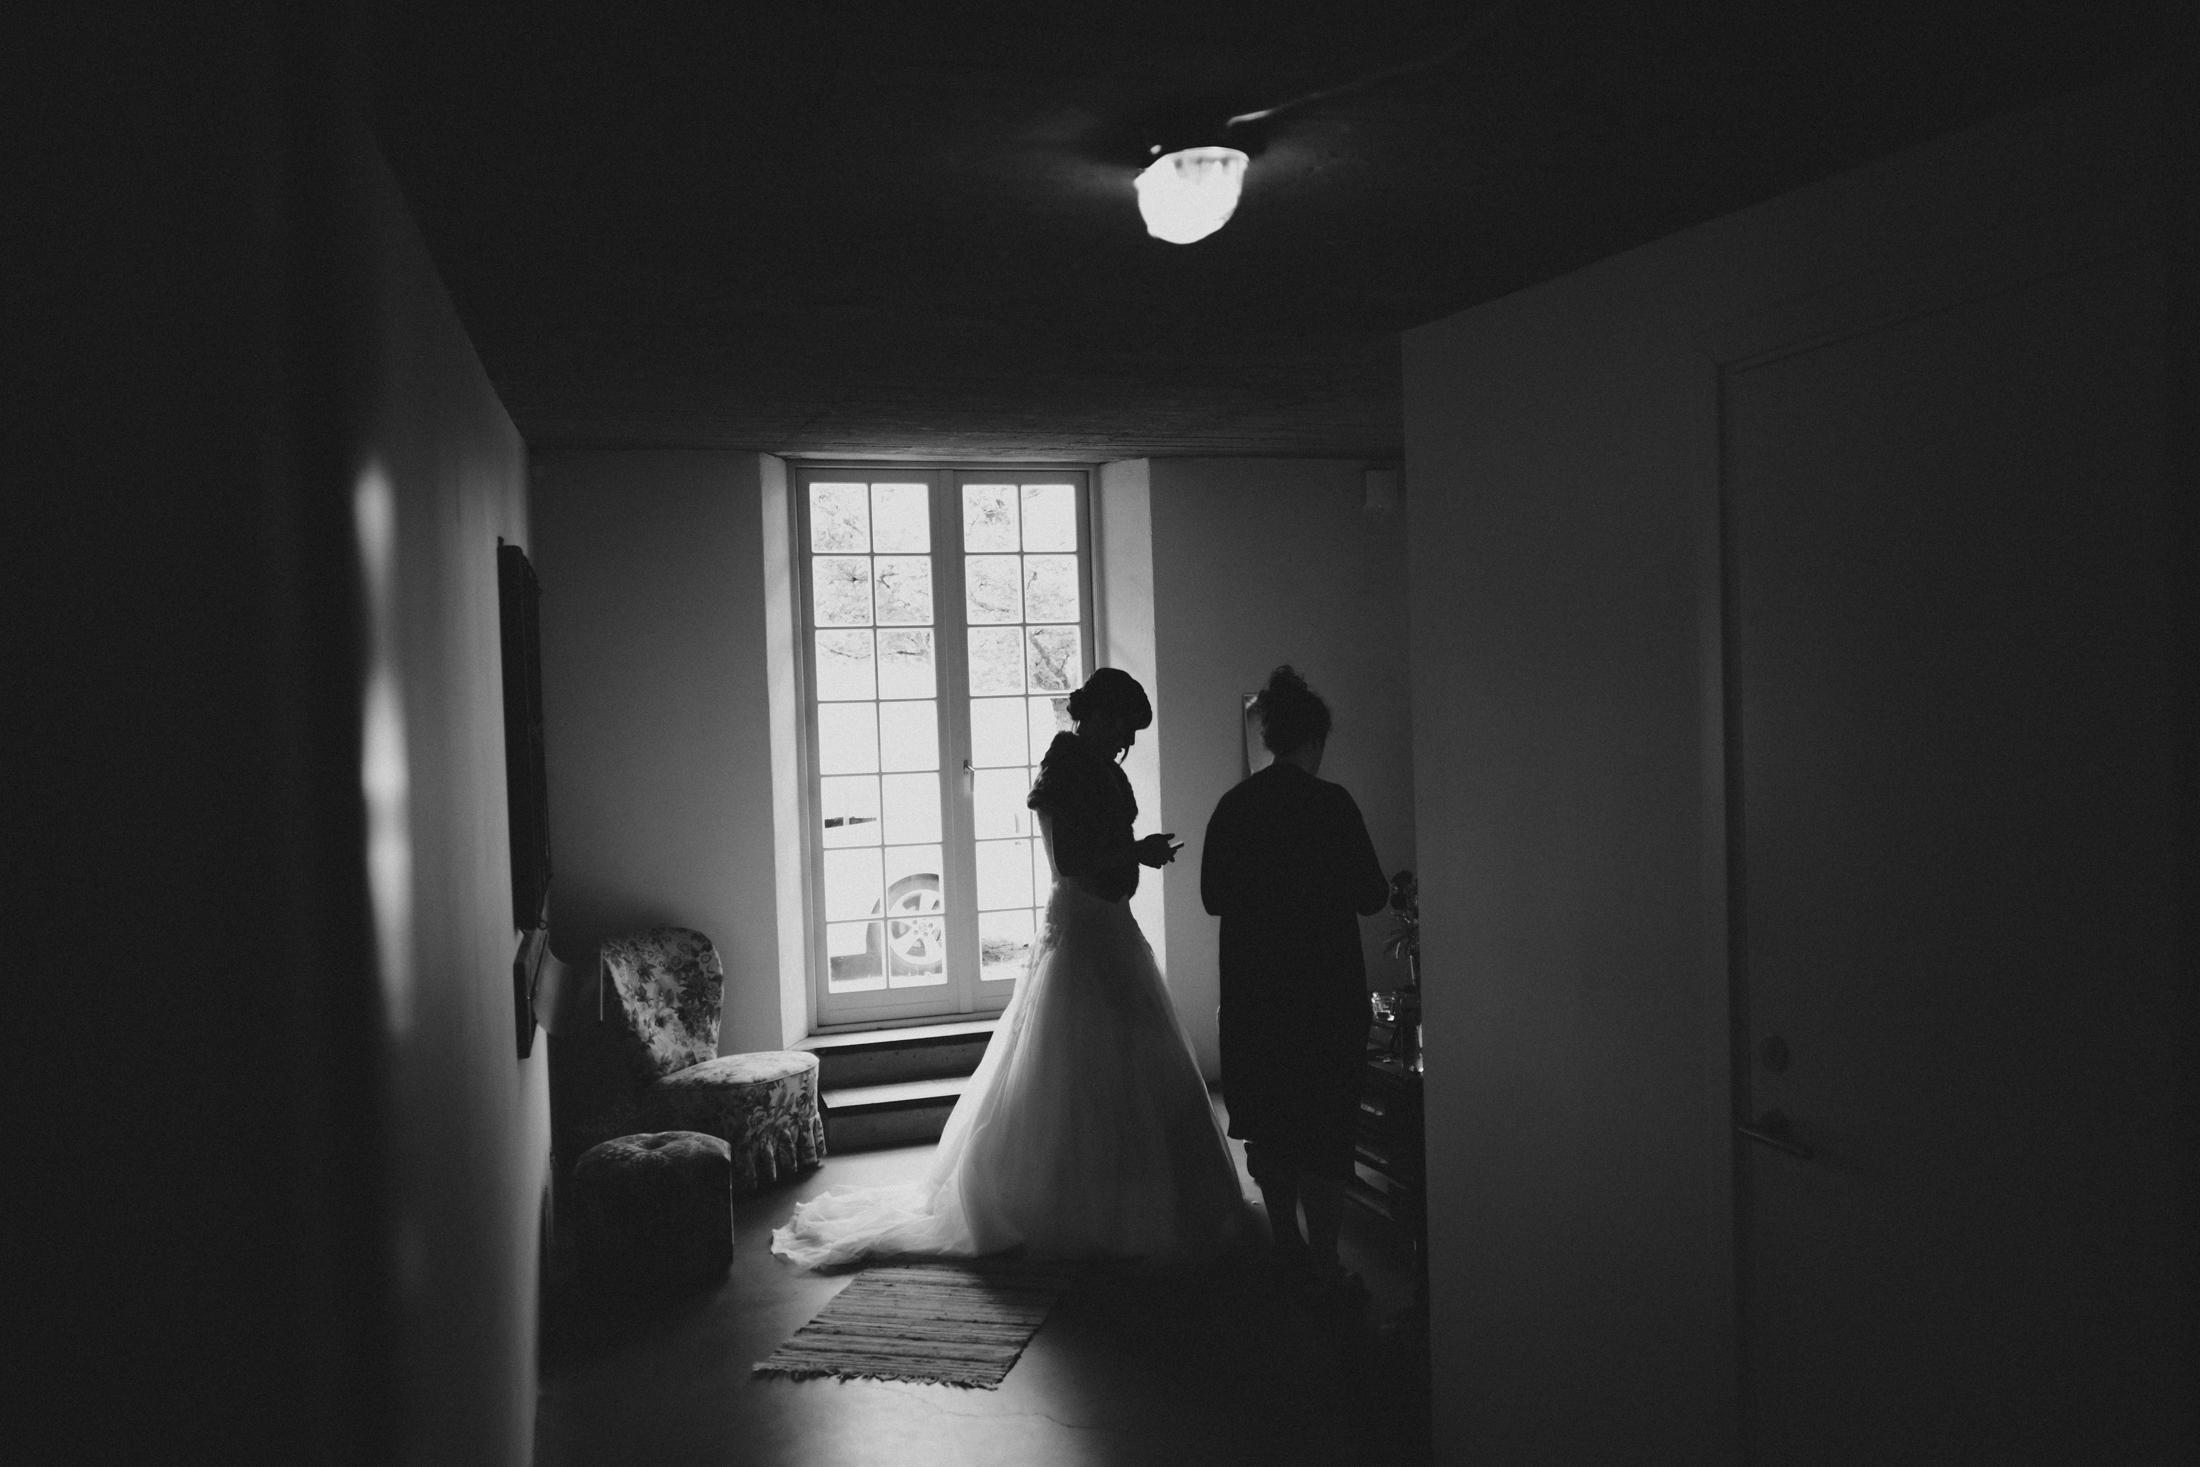 bröllopsfoto-fotograf-max-norin-95.jpg